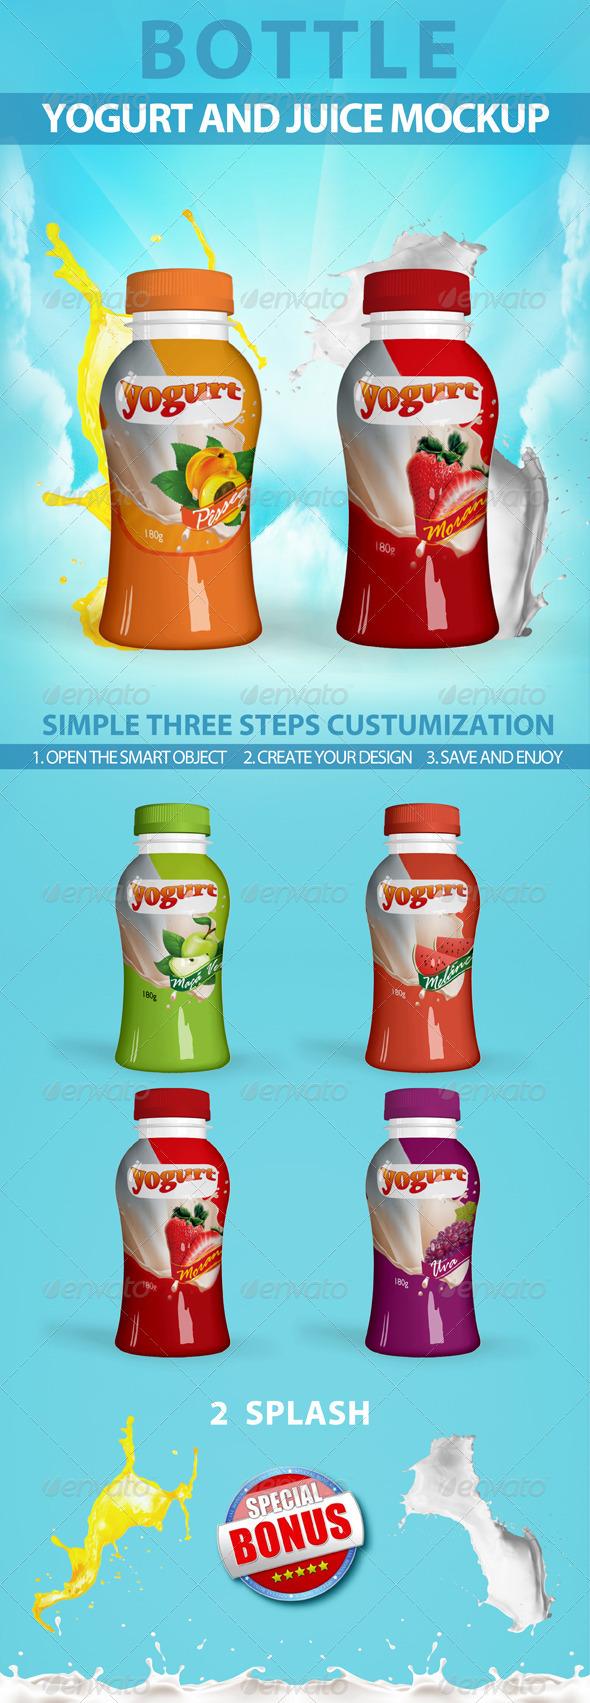 GraphicRiver Yogur Bottle Mockup 3298142